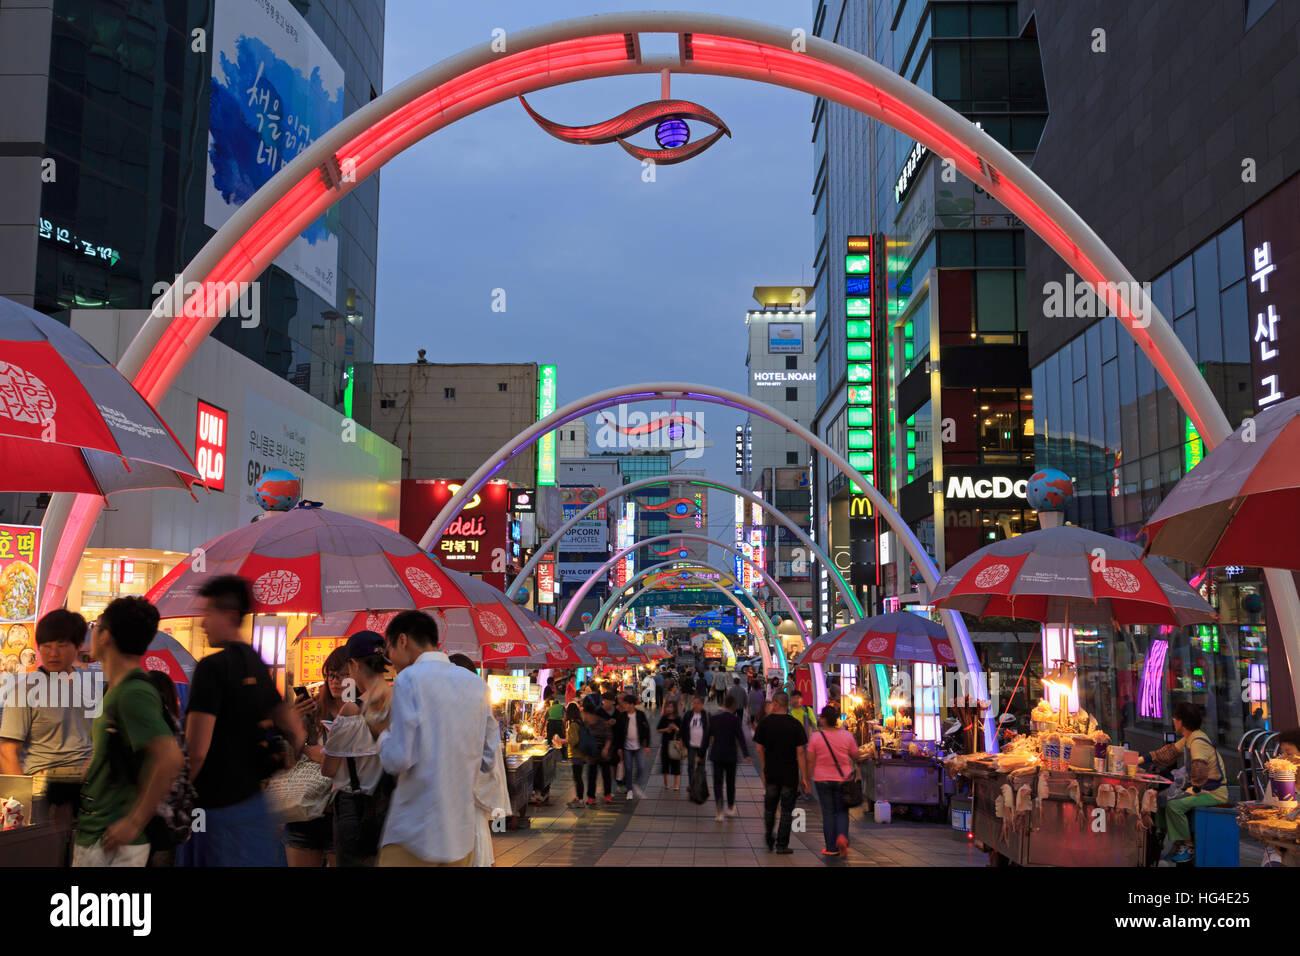 BIFF Square, Nampo distretto, Busan, Corea del Sud, Asia Immagini Stock